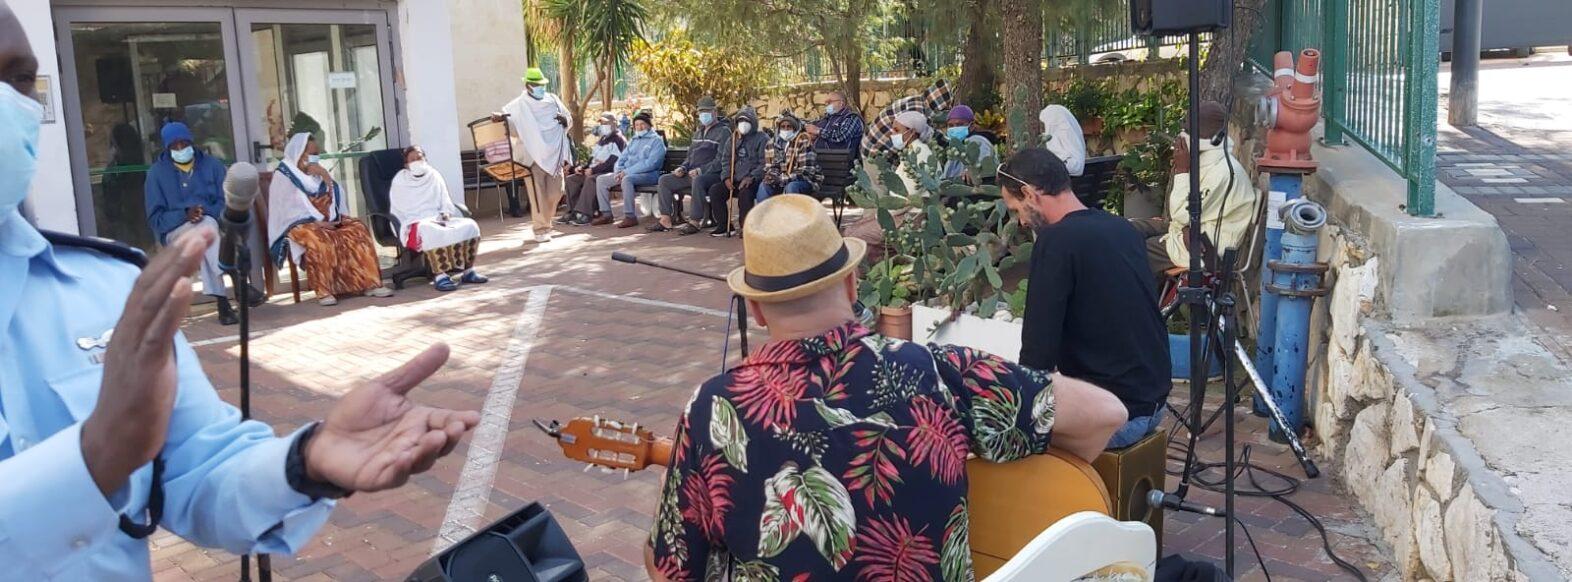 מחלקת הקליטה בעיריית קרית אתא ציינה את חג הסיגד של העדה האתיופית